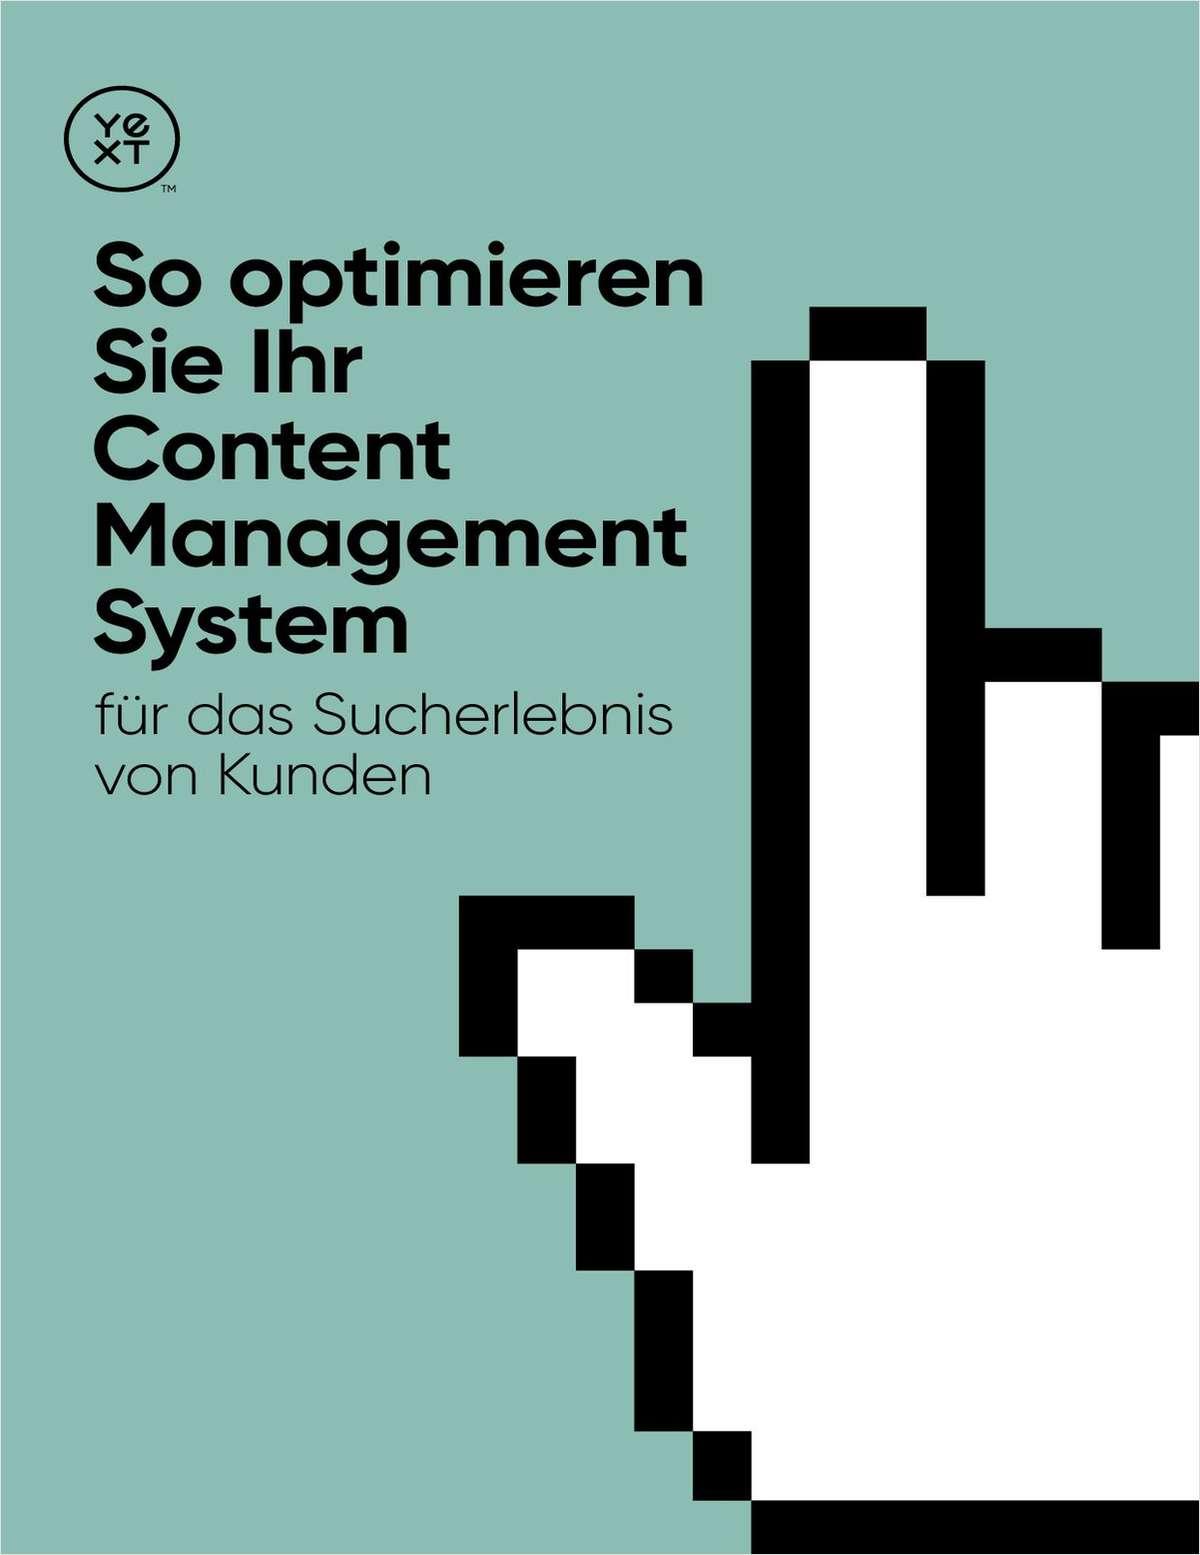 So optimieren Sie Ihr Content Management System für das Sucherlebnis von Kunden